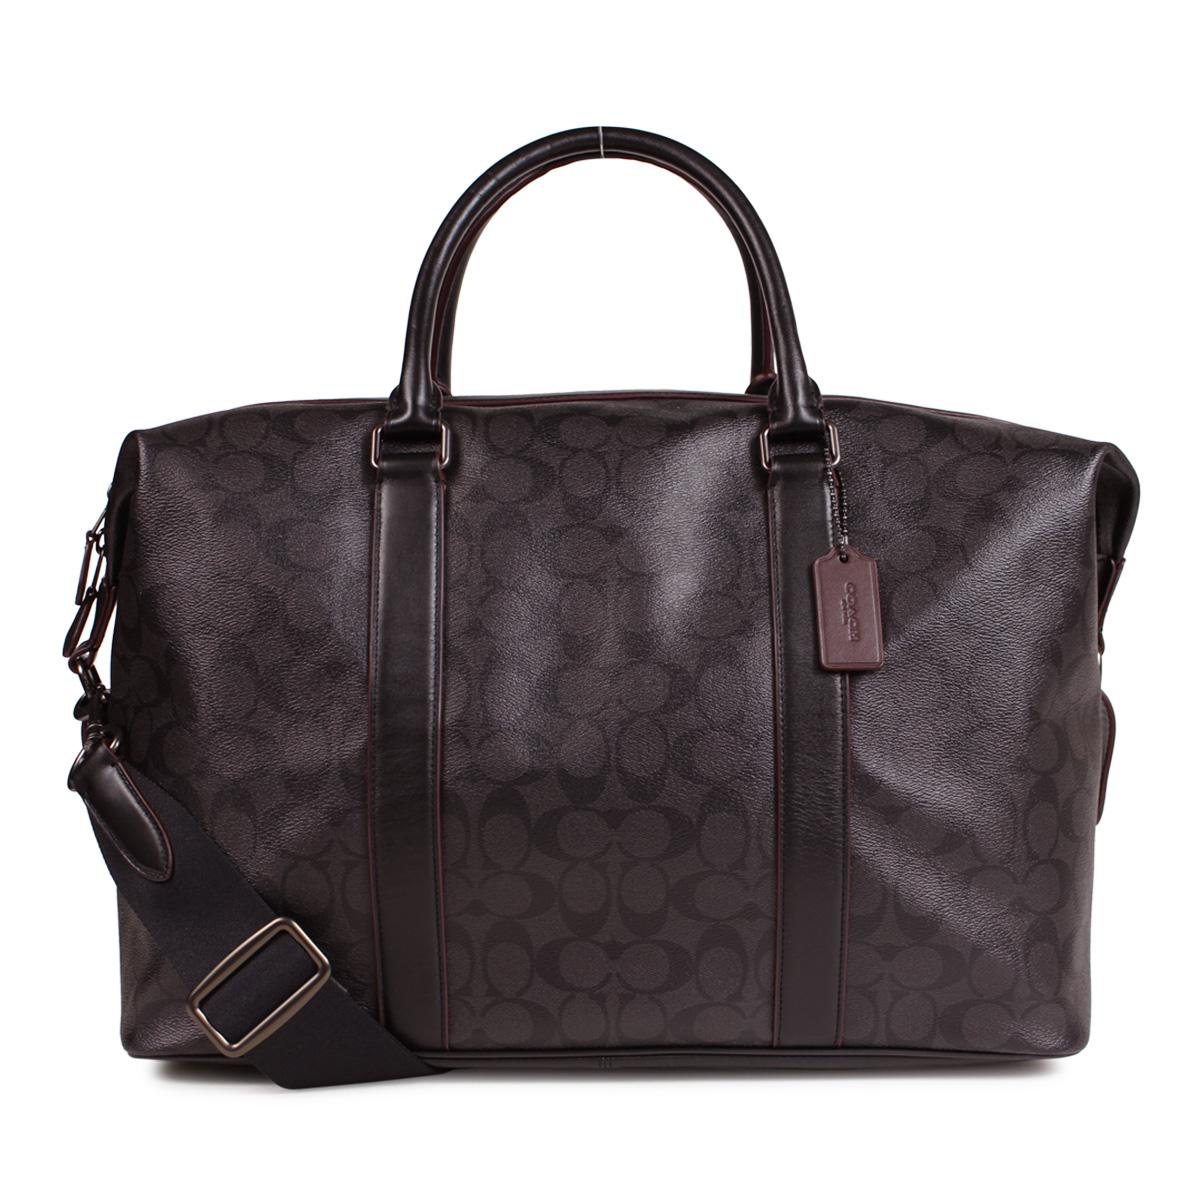 7e55ec3e COACH 2WAY F23207 coach bag Boston bag shoulder men signature dark brown  [192]